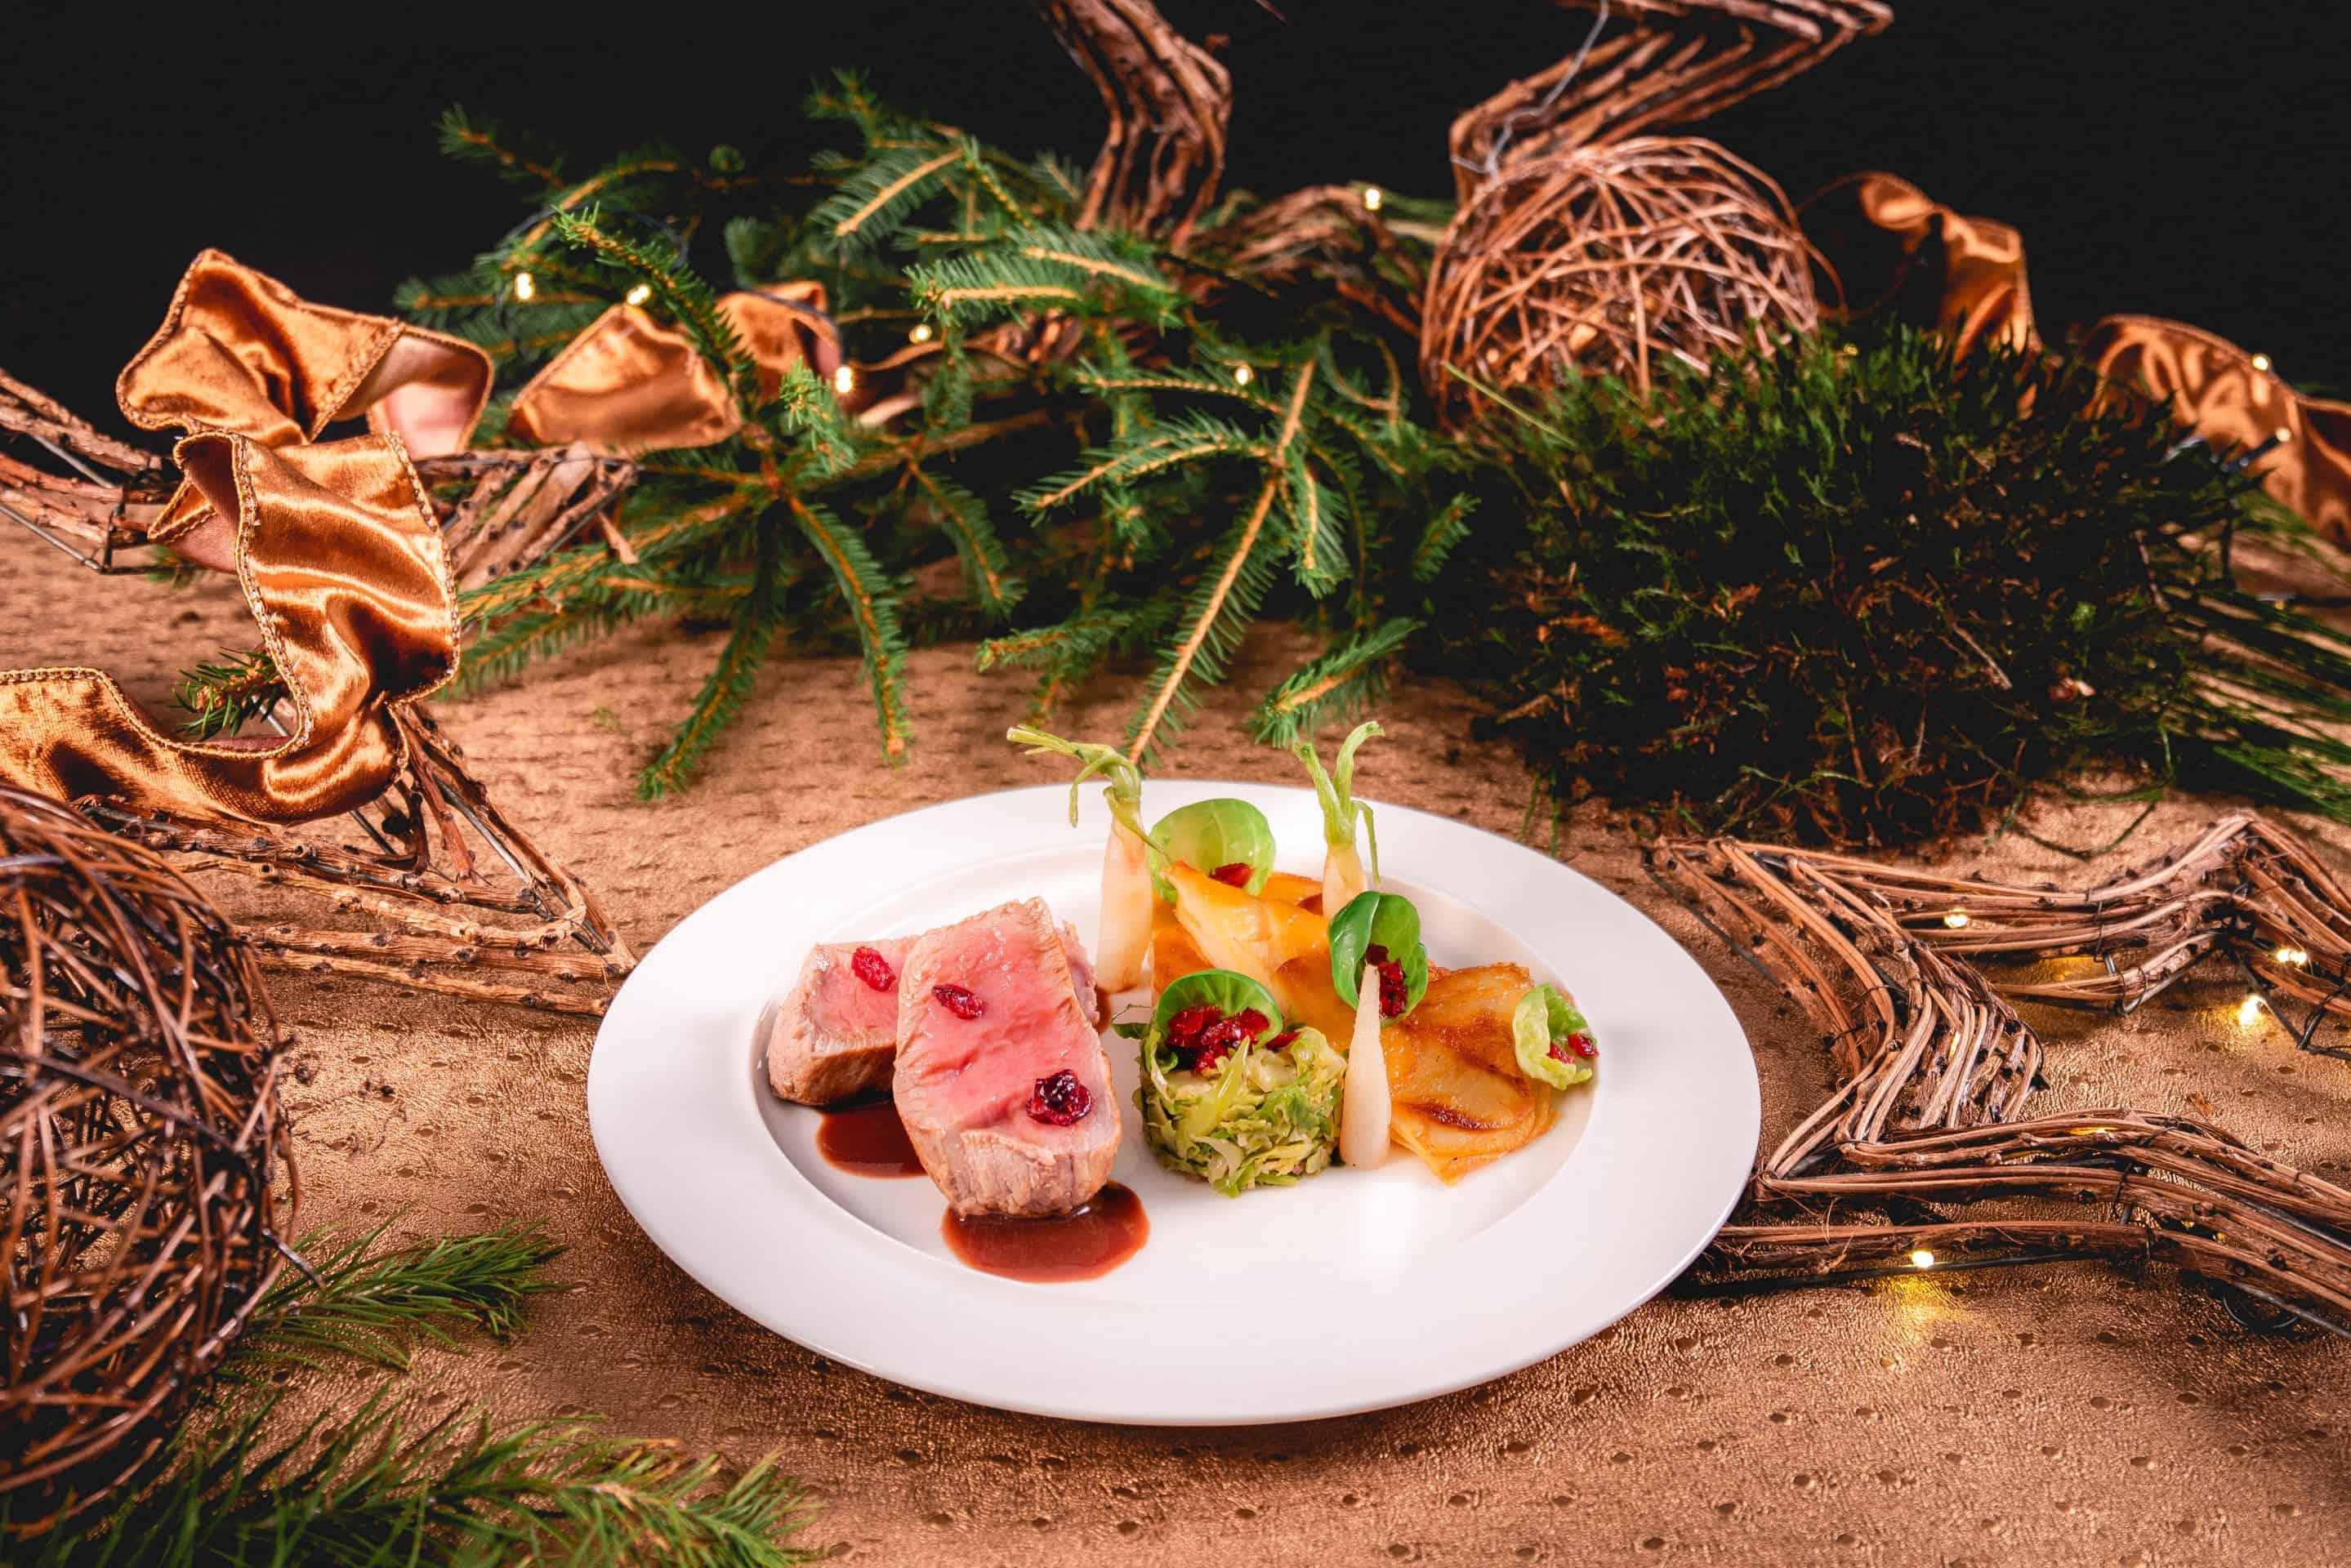 medaillon-veau-filet-airelles-radis-glacon-petale-chou-bruxelles-mille-feuille-pomme-de-terre-panais-lisanto-maison-steffen-fetes-menu-5